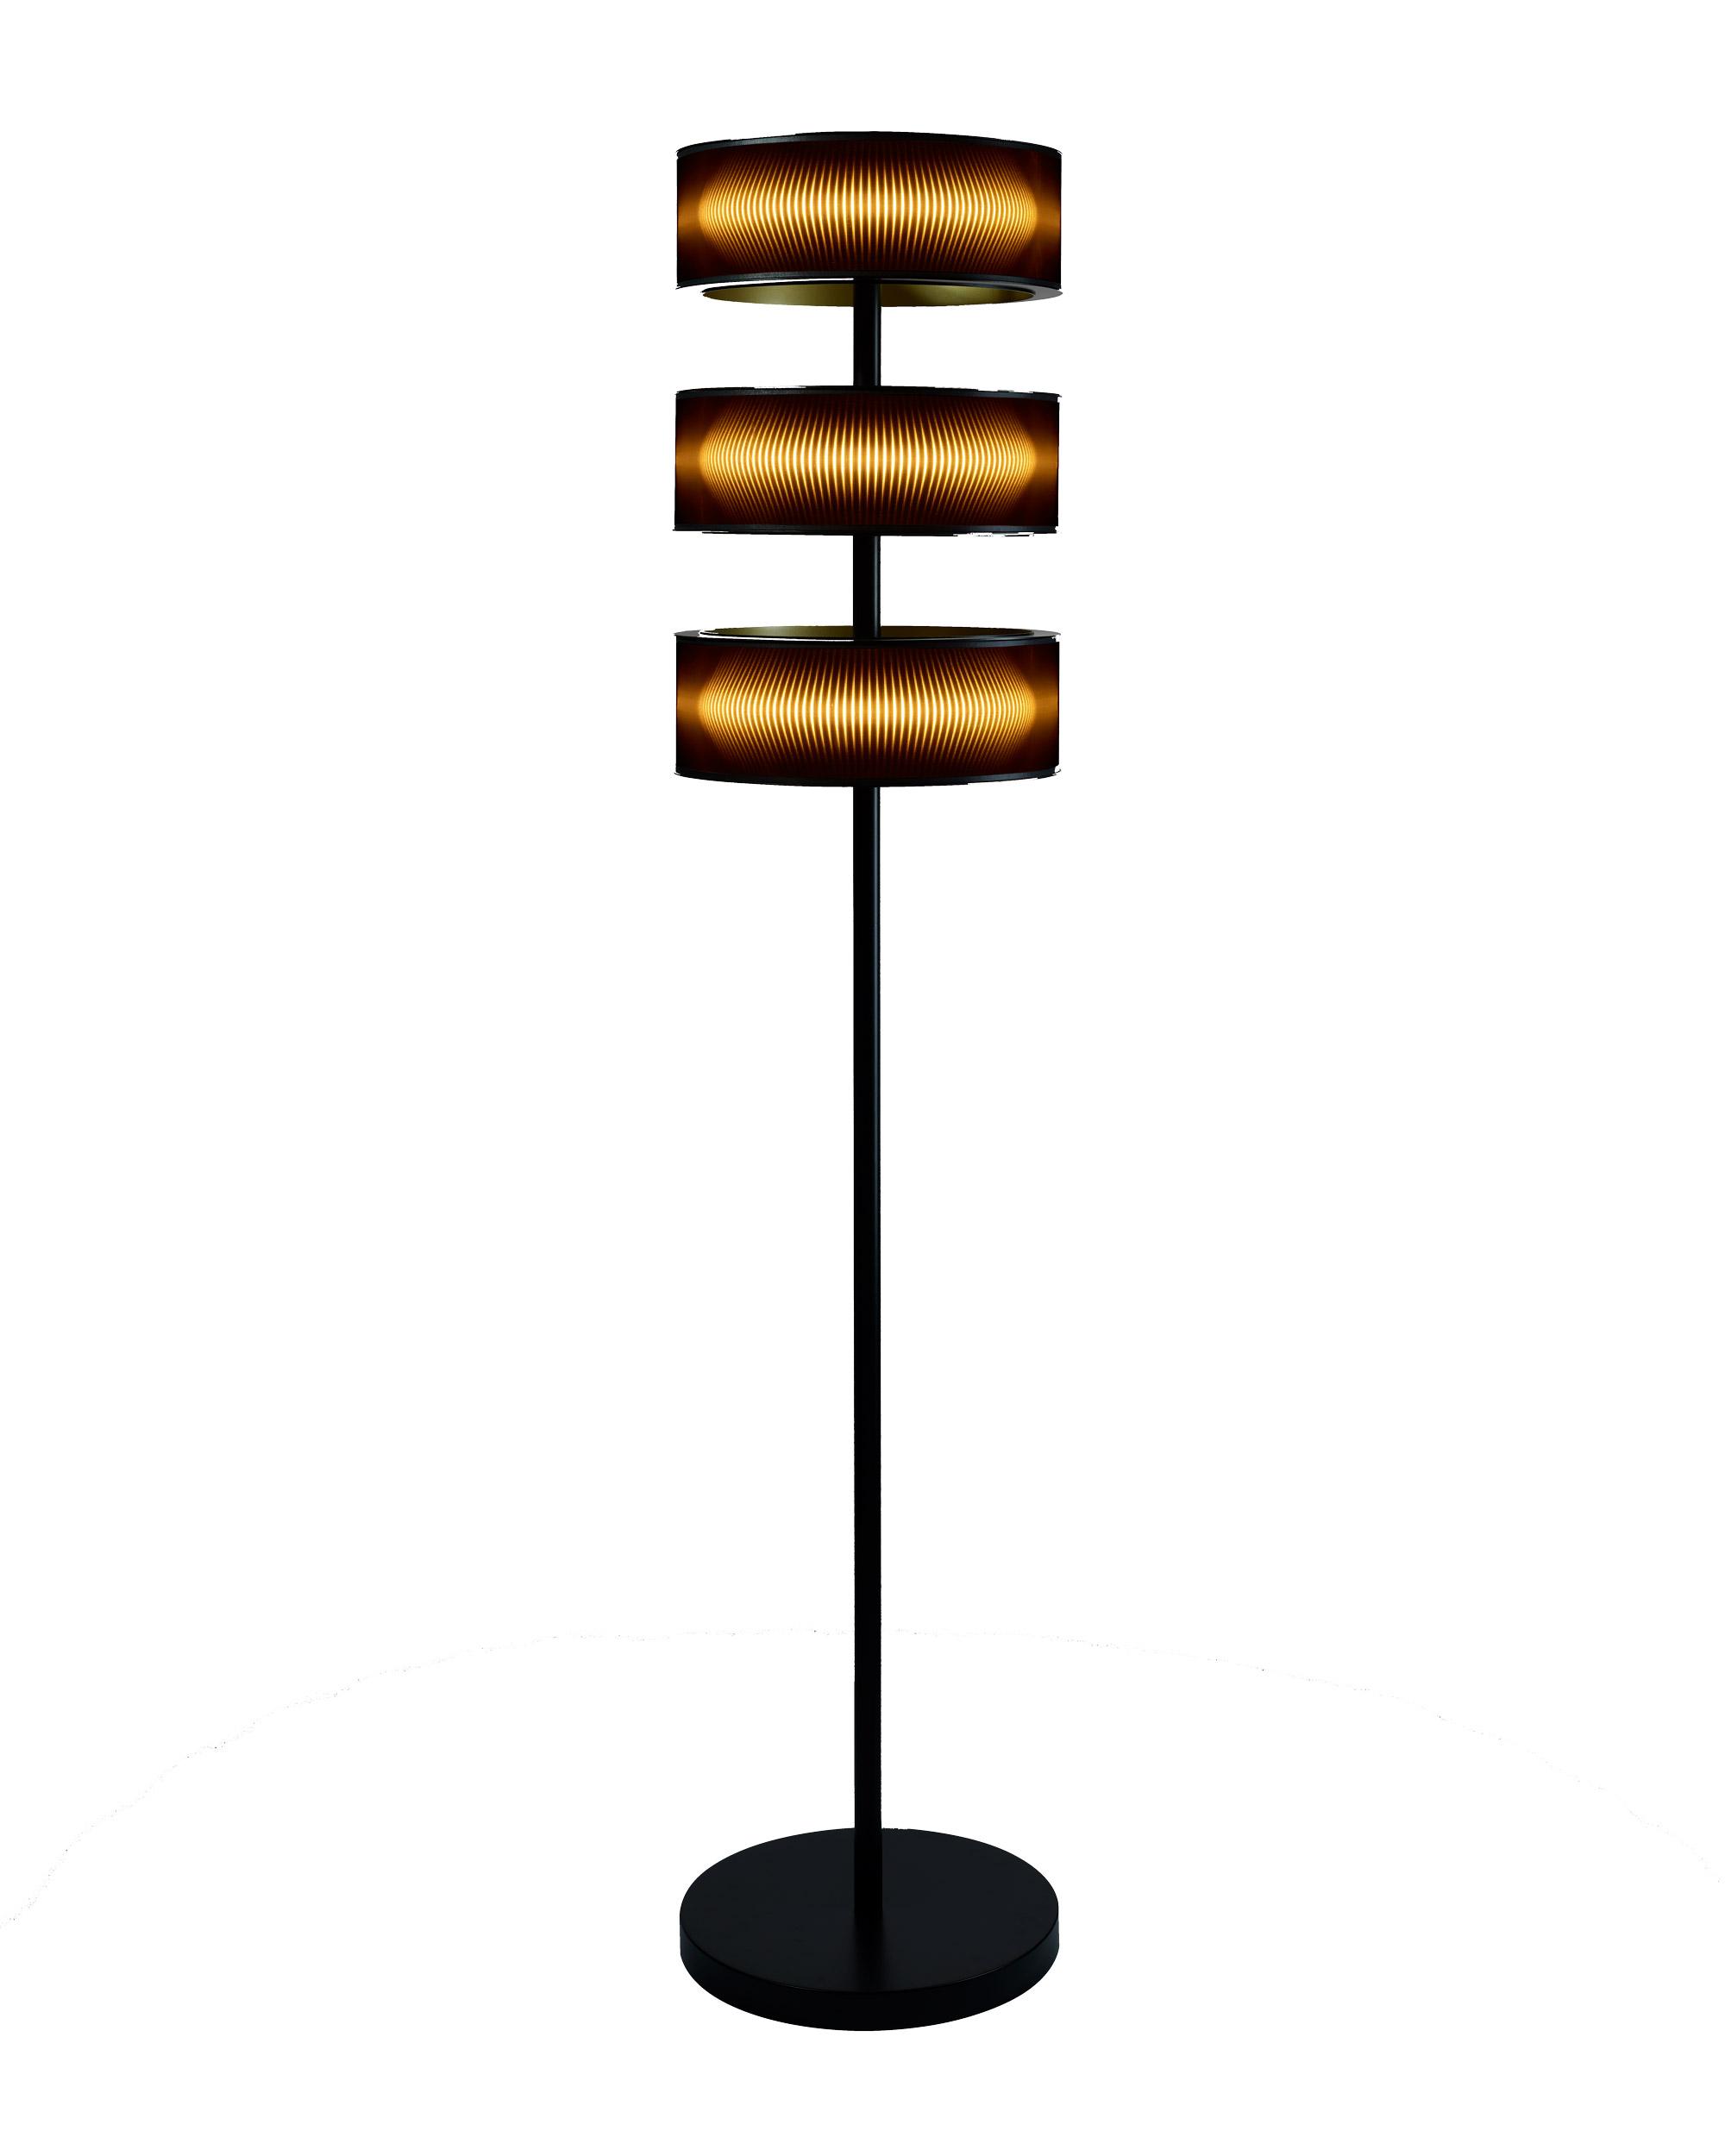 MATRIX Stehleuchte mit vierzig Zentimeter Durchmesser und 20 Watt Leistung je Ring